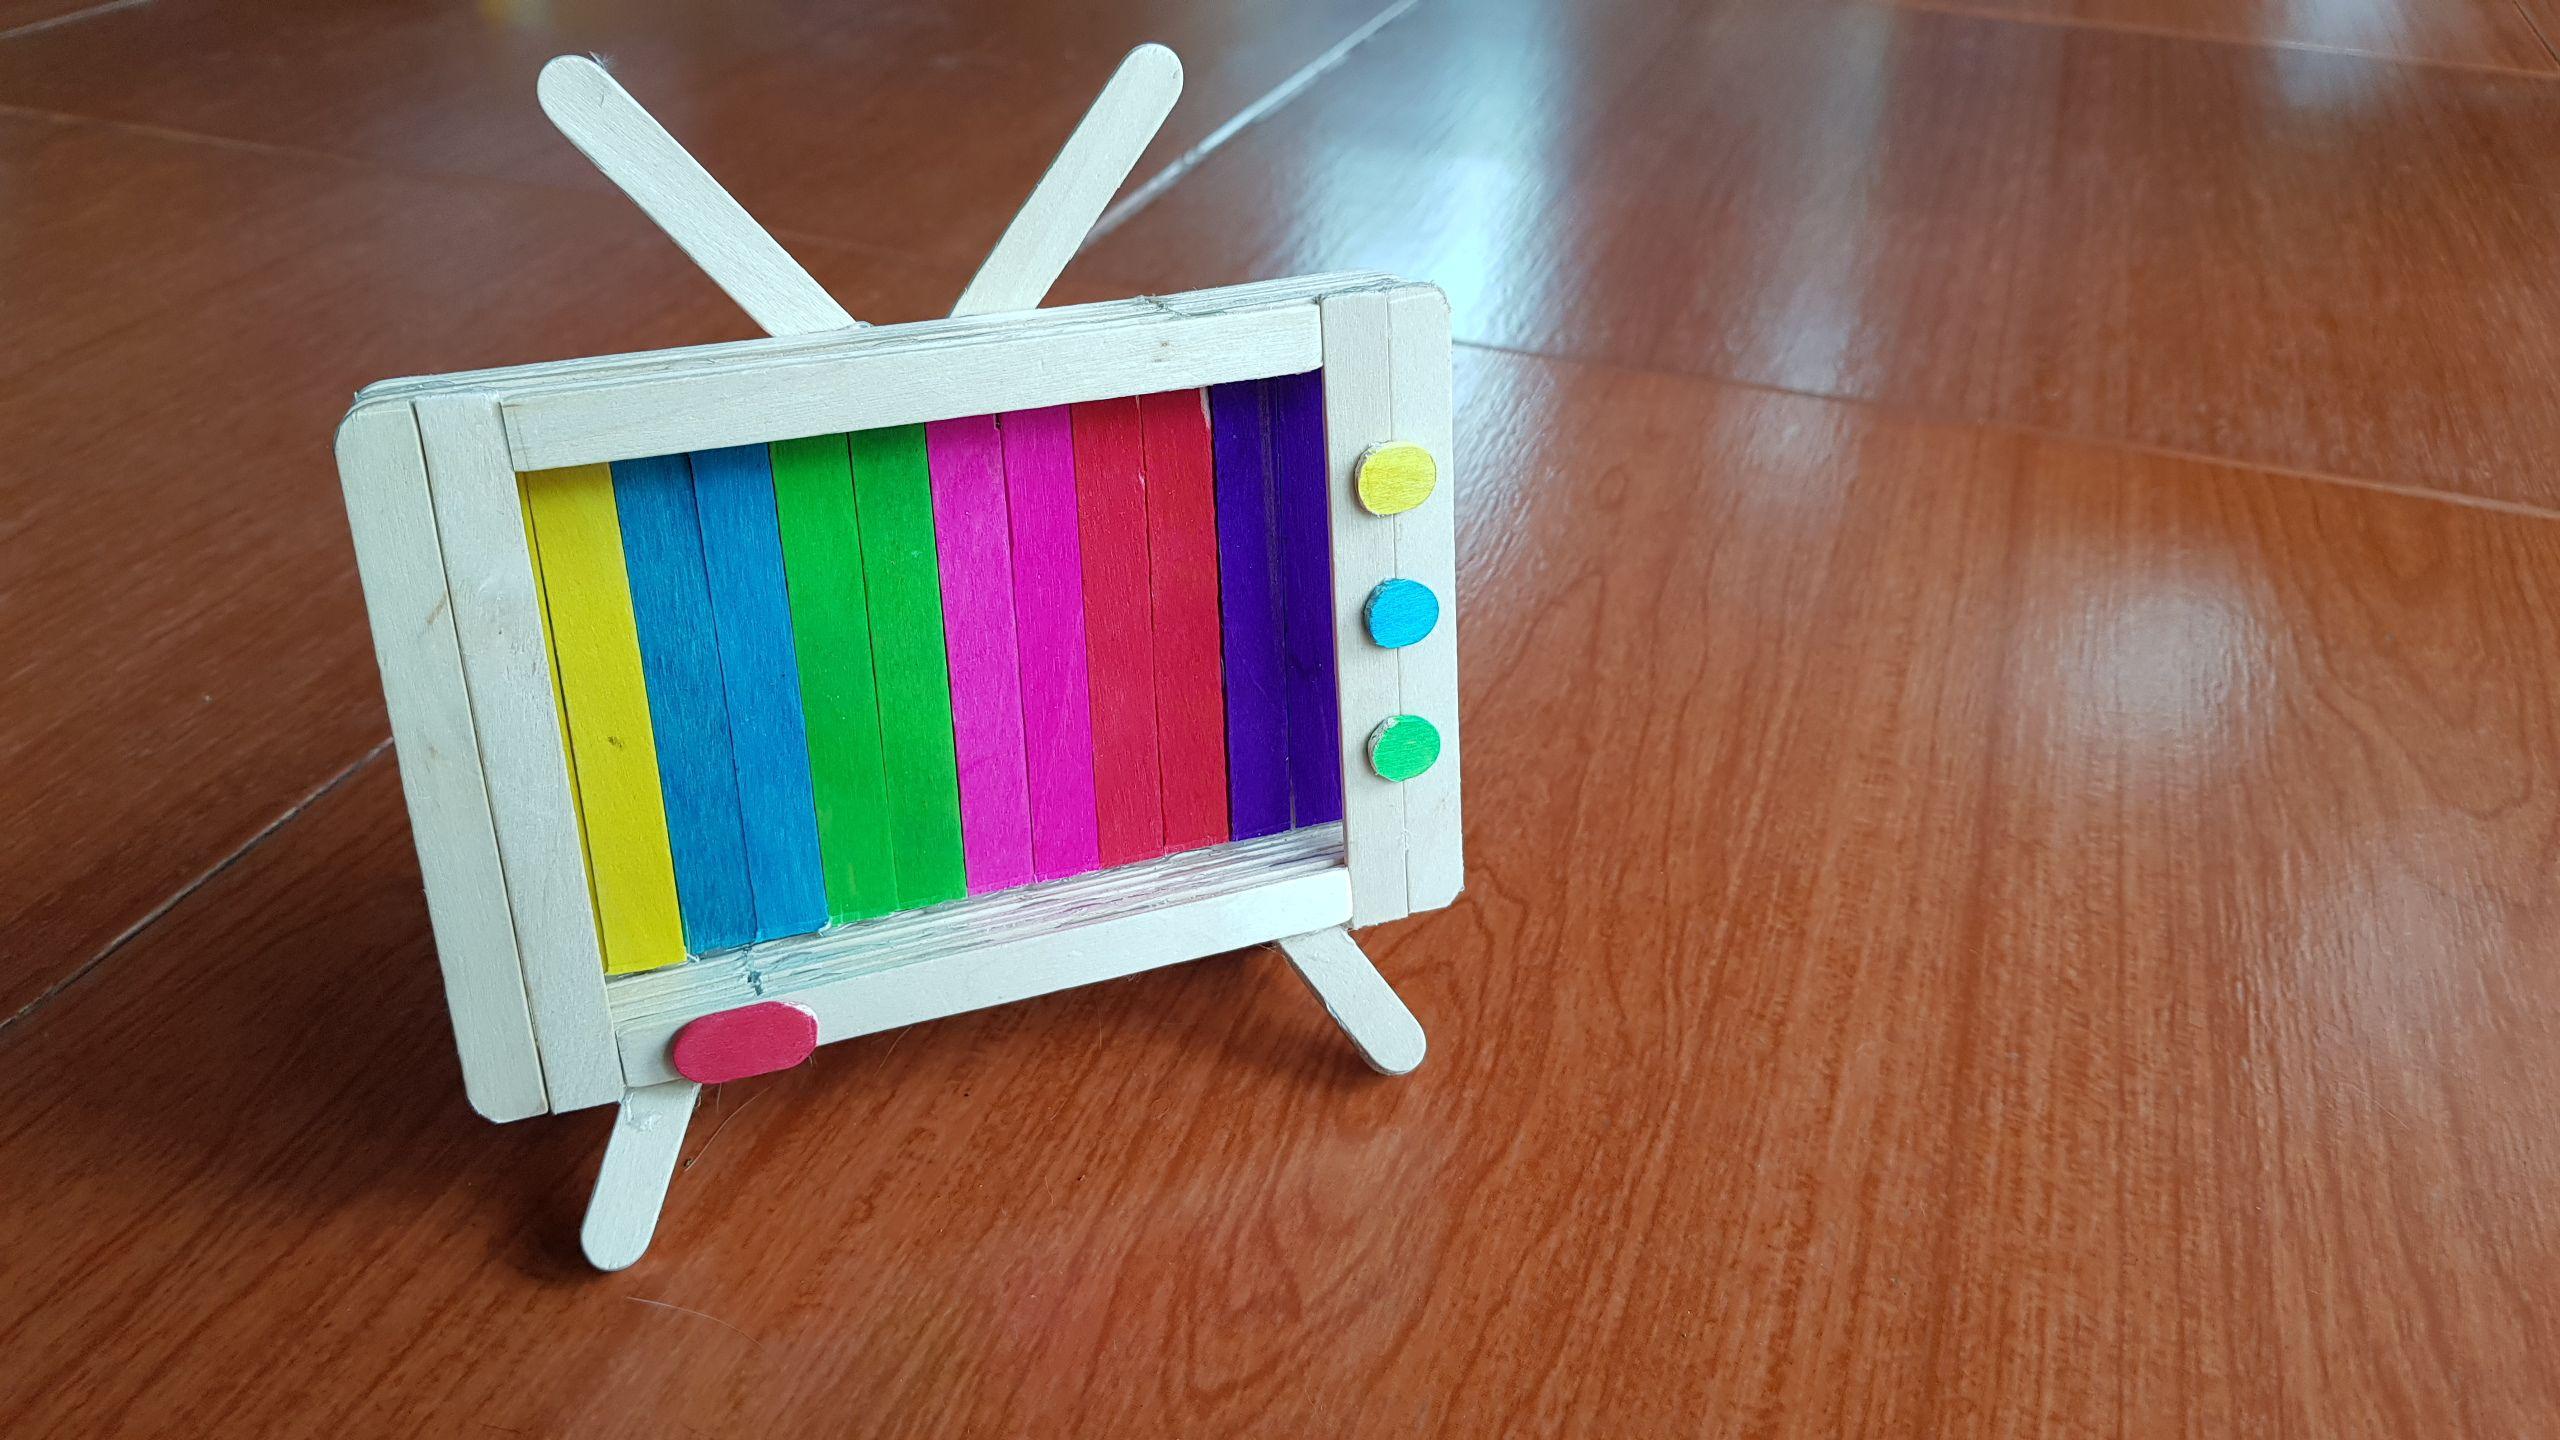 Retro Tv Popsicle Stick Phone Stand Diy และงานฝ ม อ